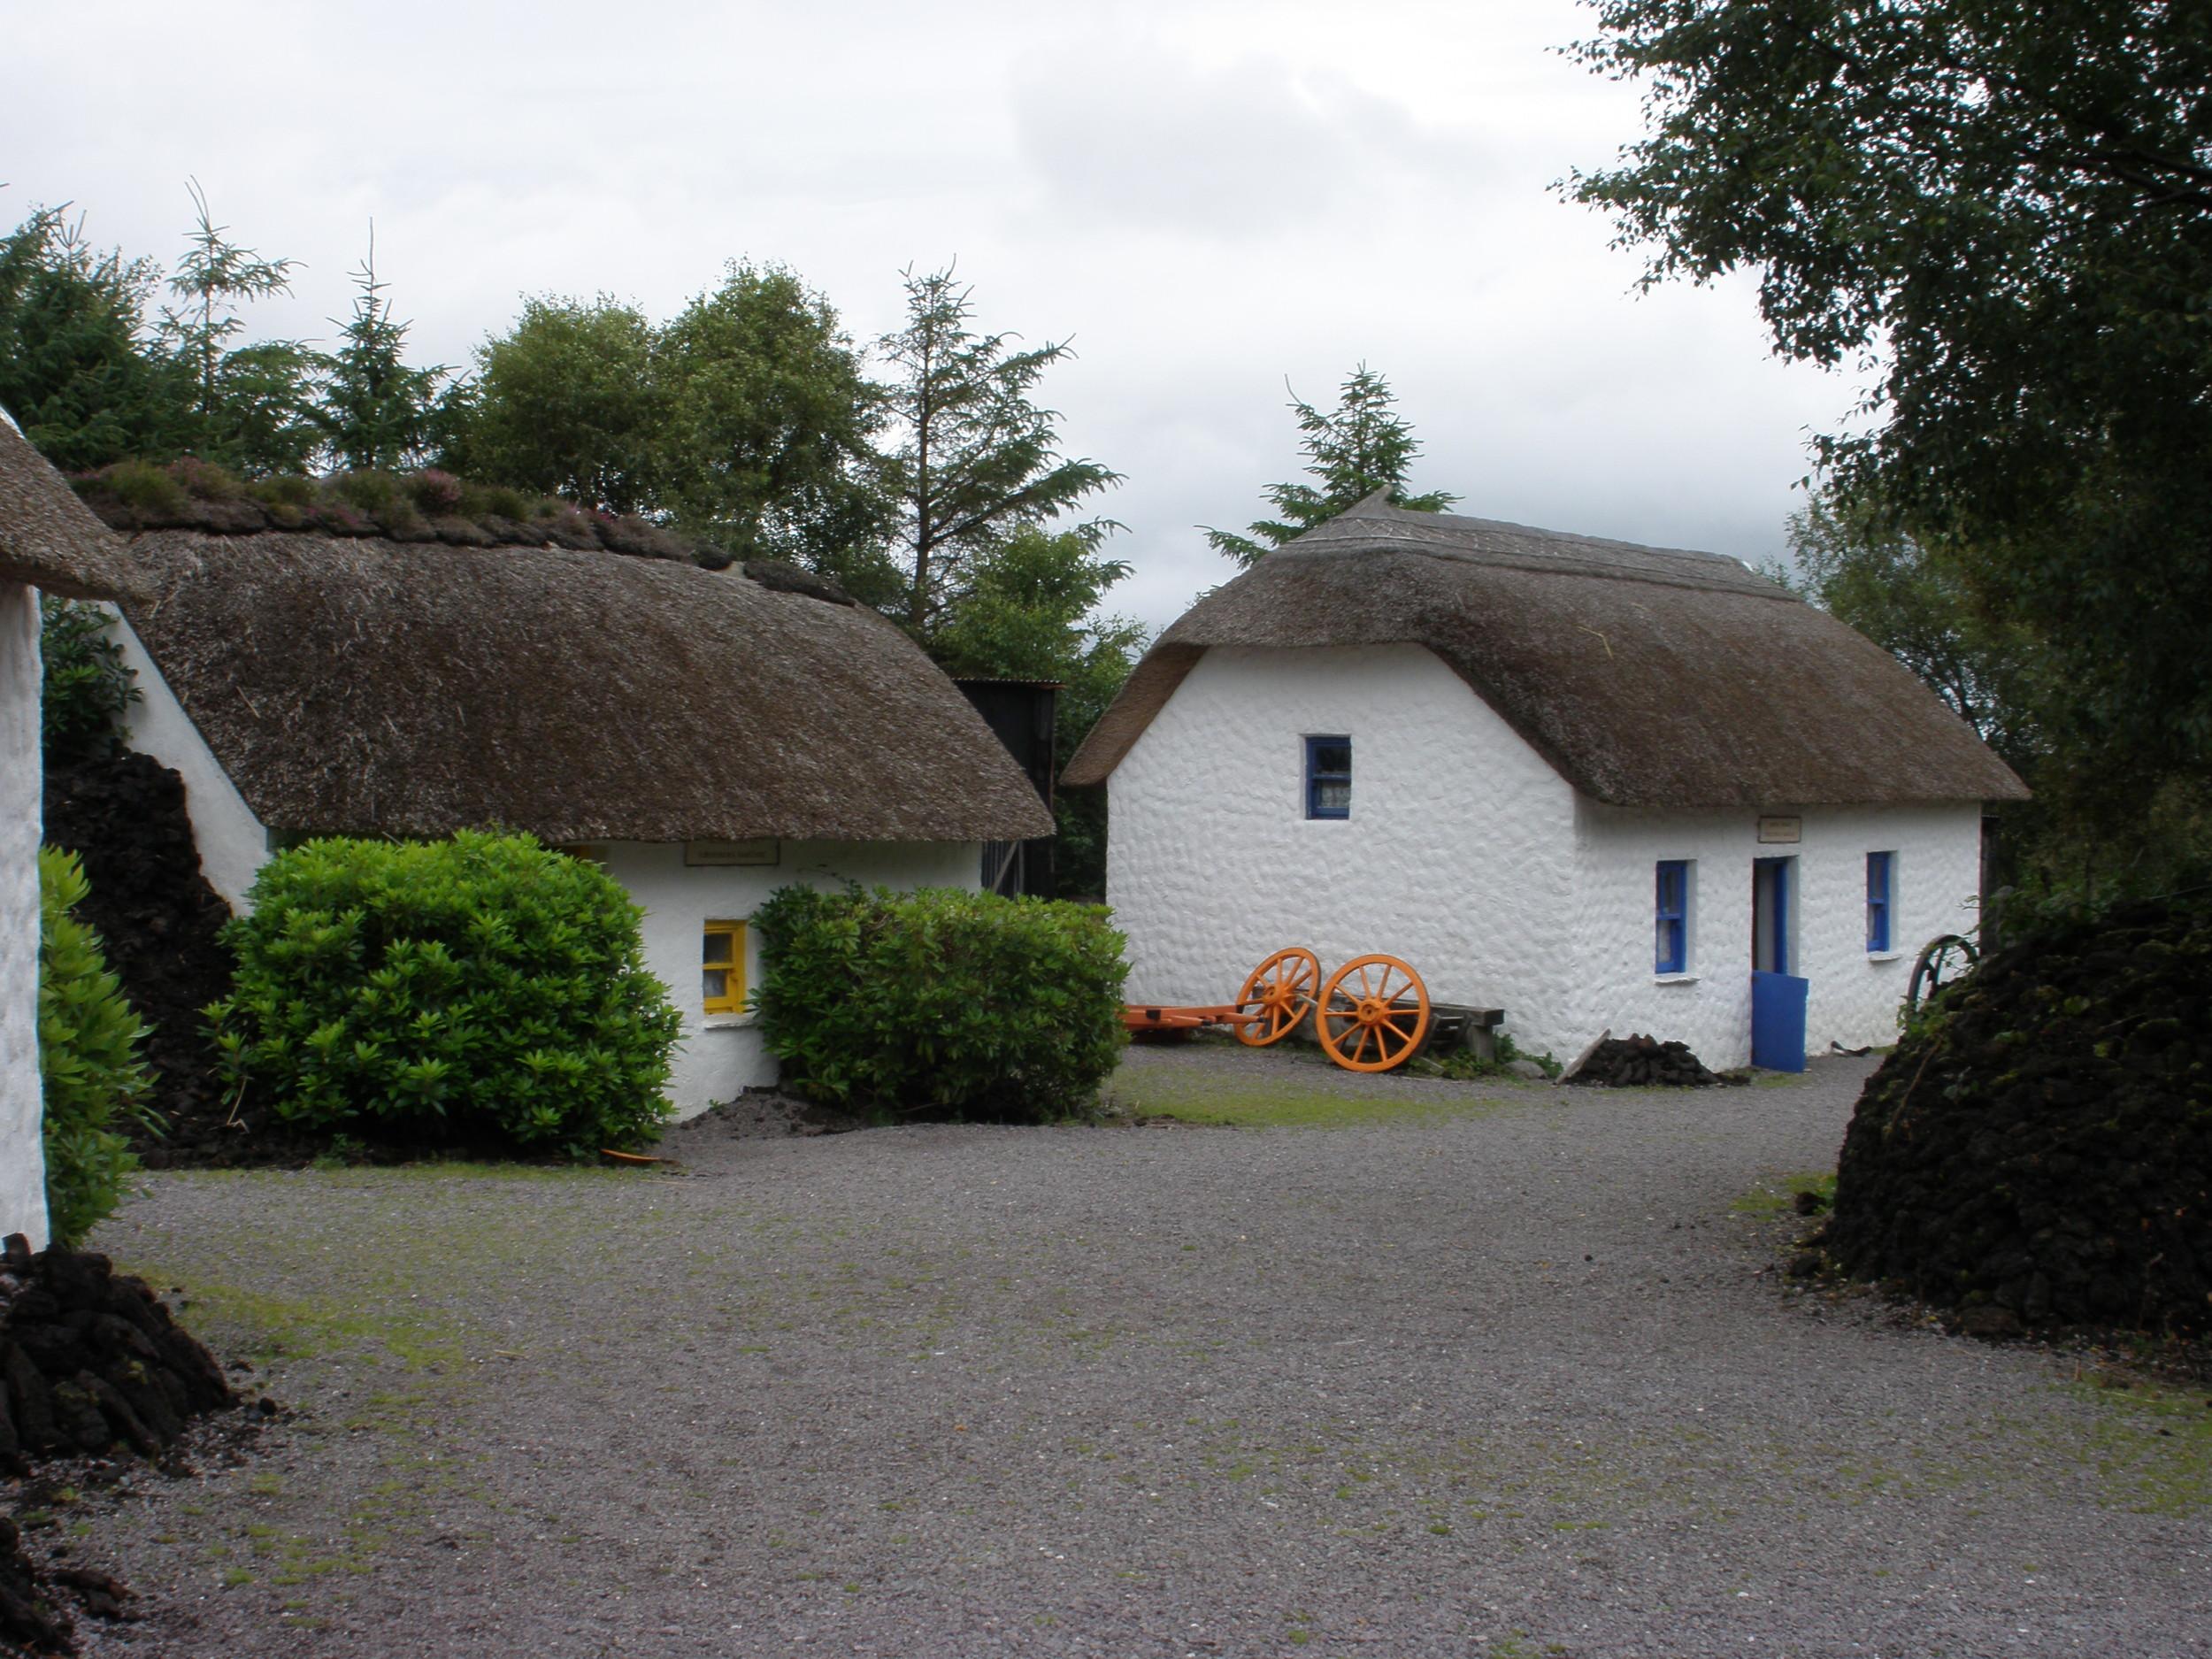 Traditional Cottages at Kerry Bog Village